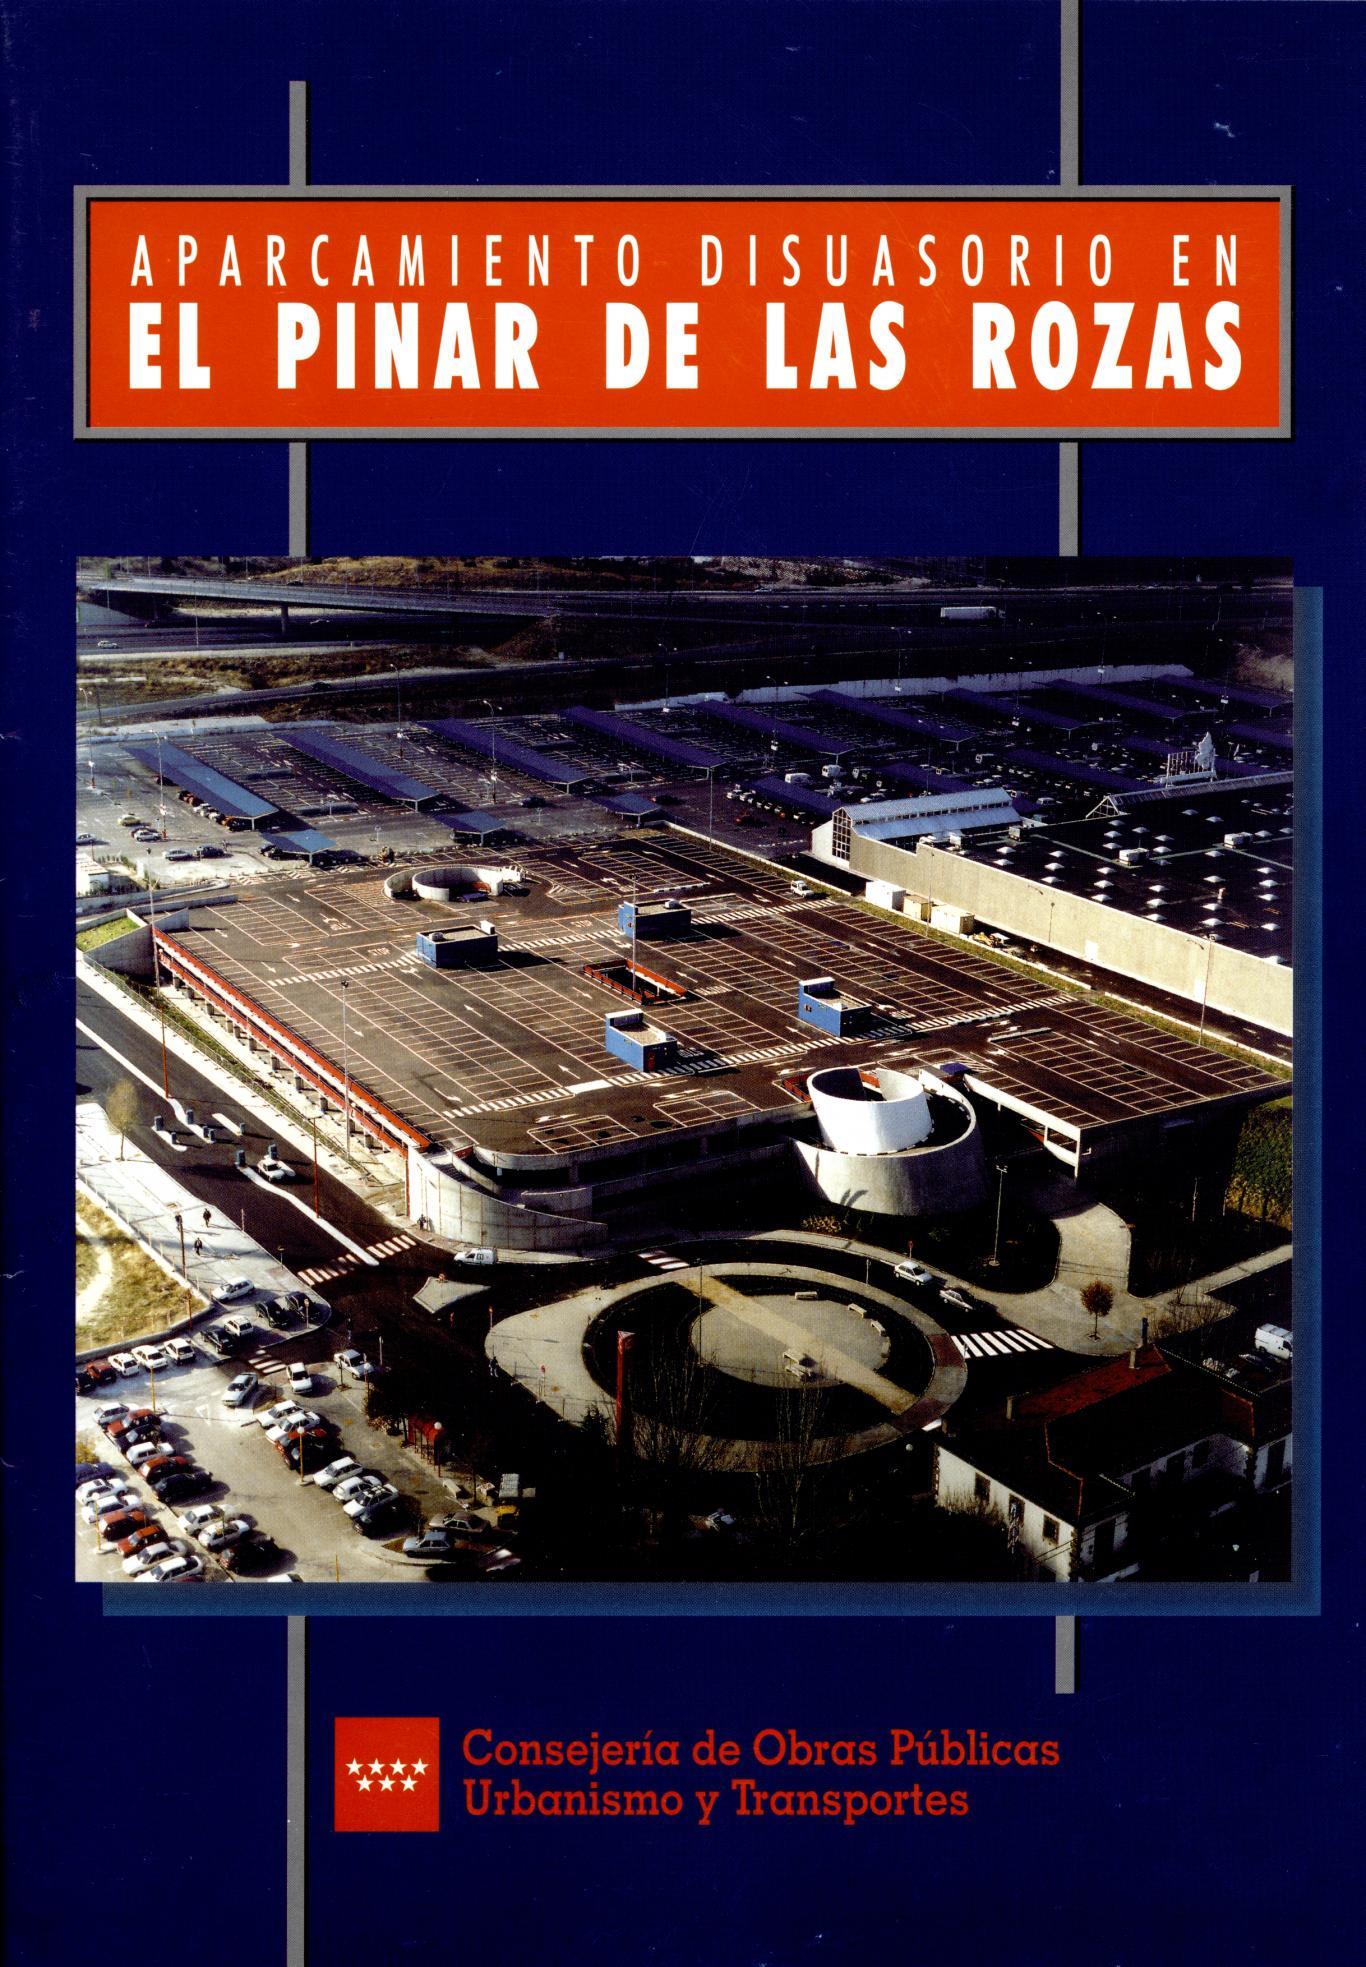 caratula folleto aparcamiento Pinar Rozas